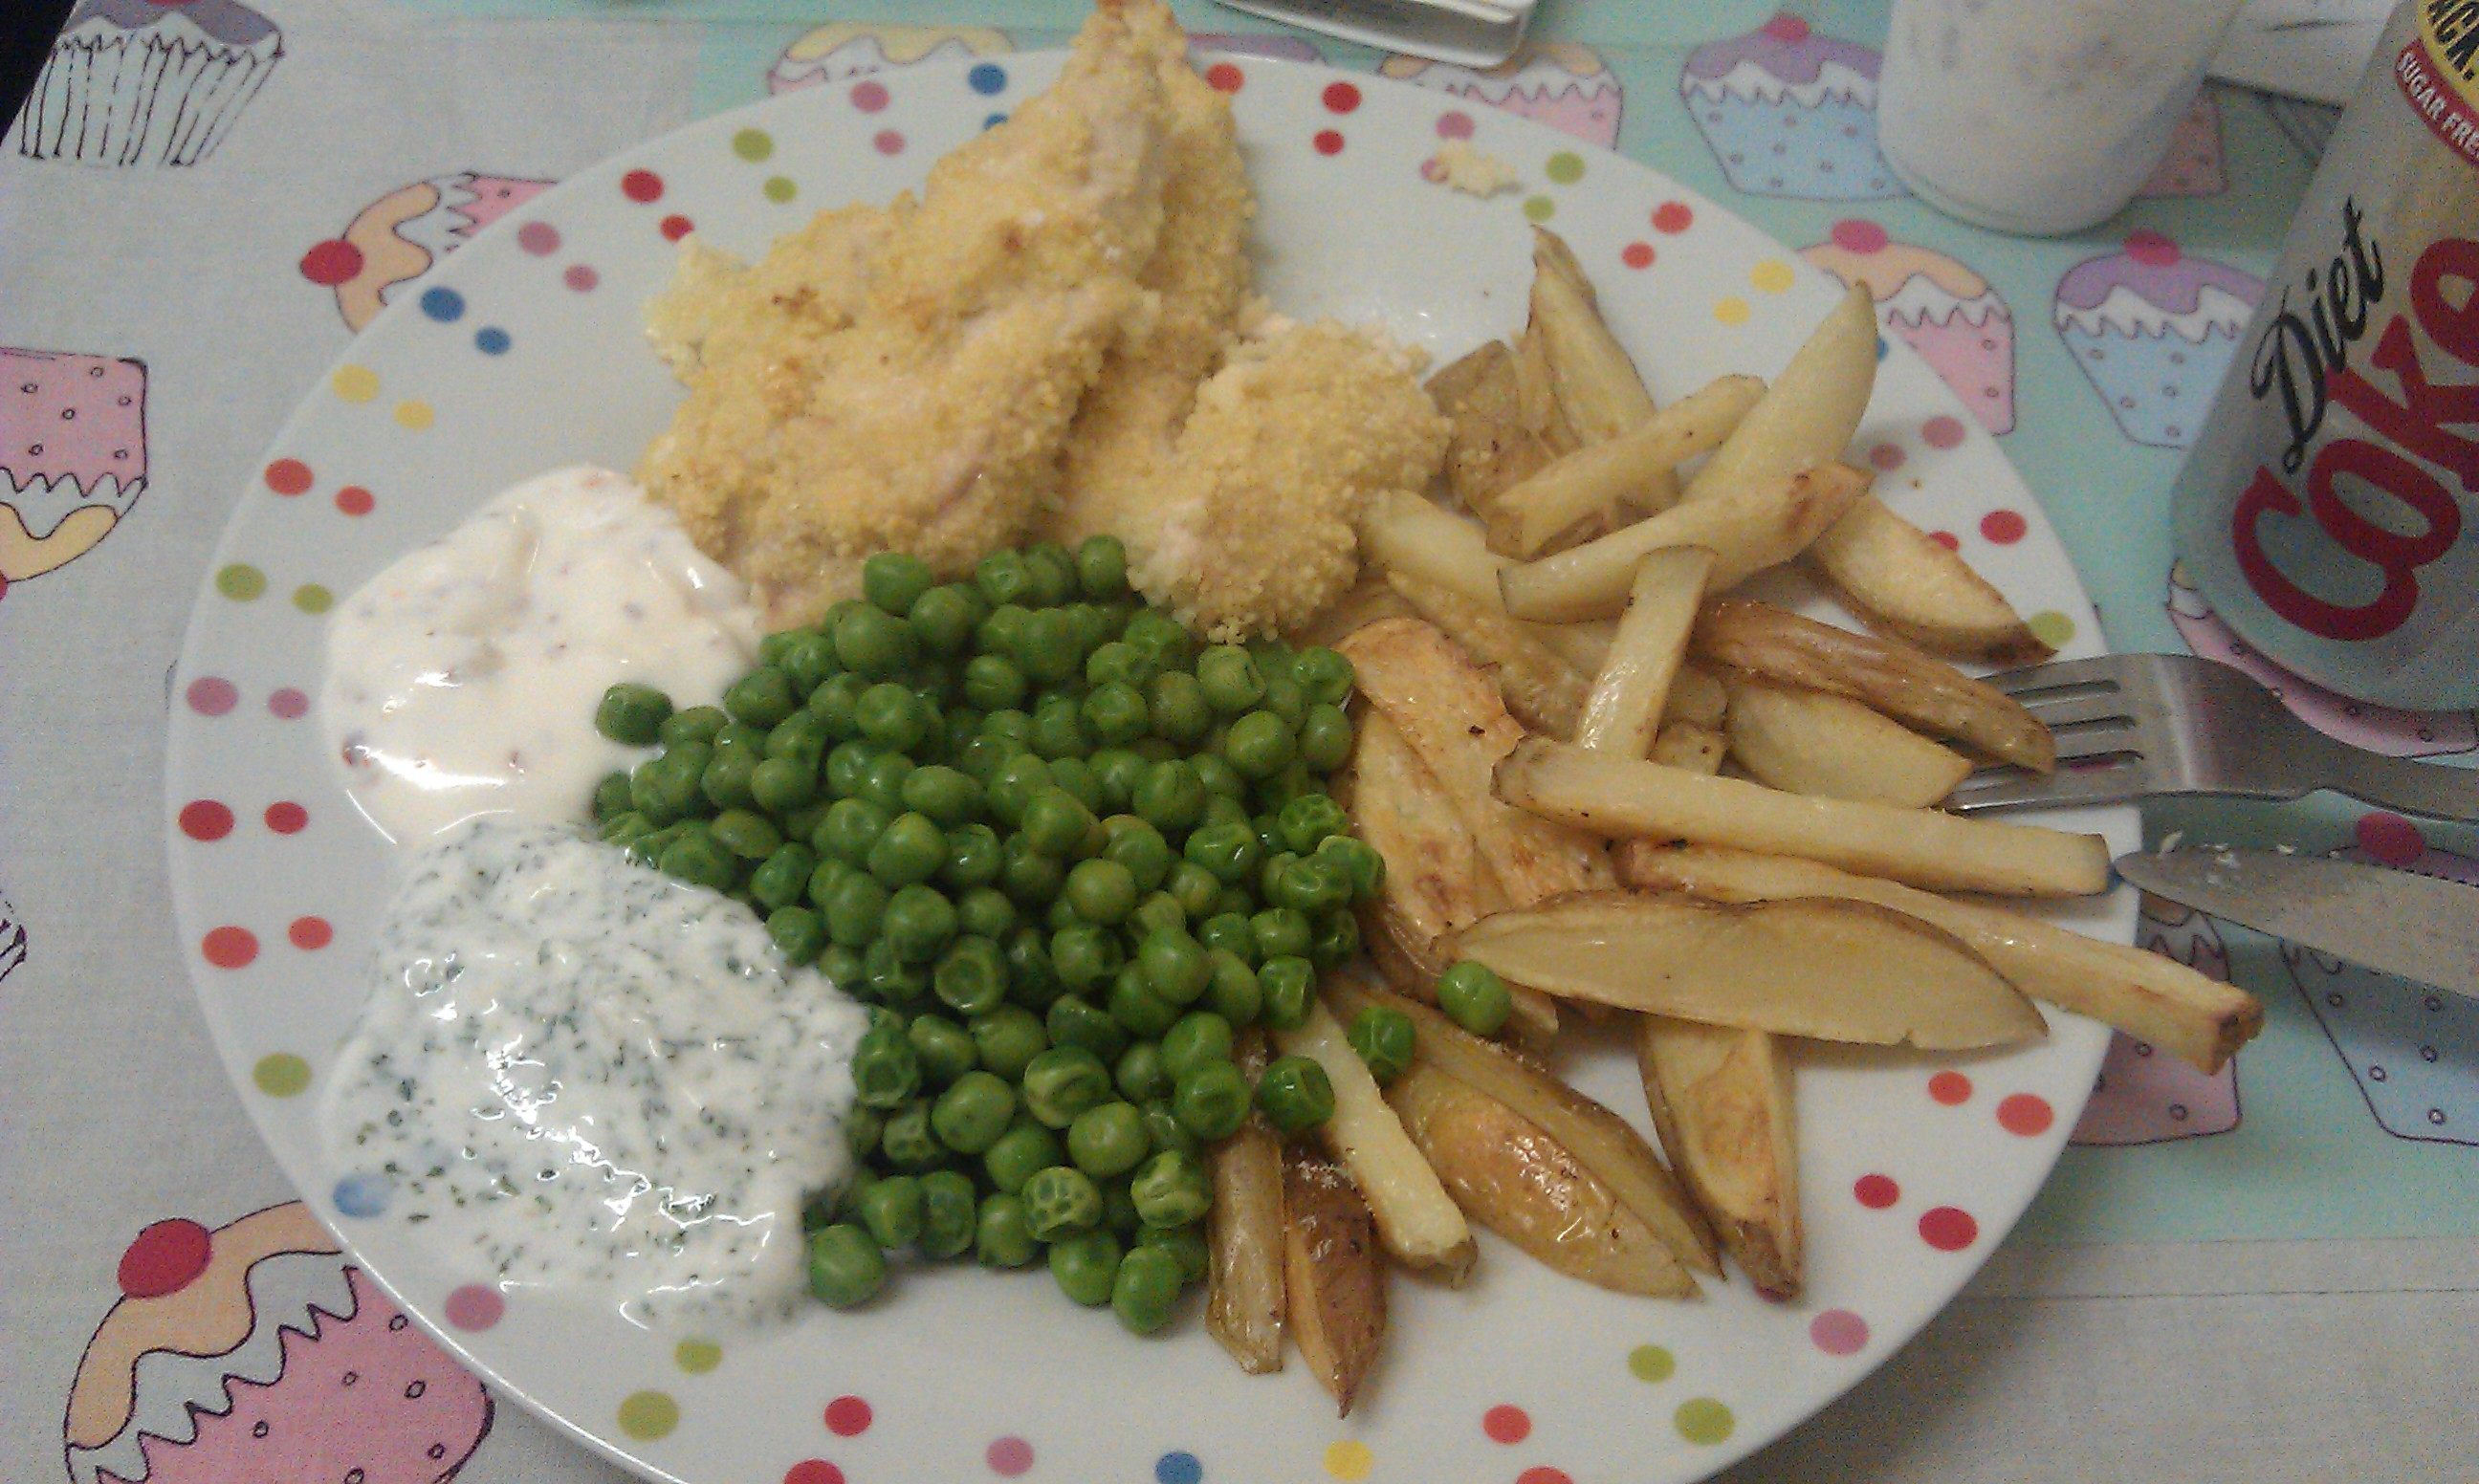 SLIMMING FOOD RECIPES - 7000 Recipes